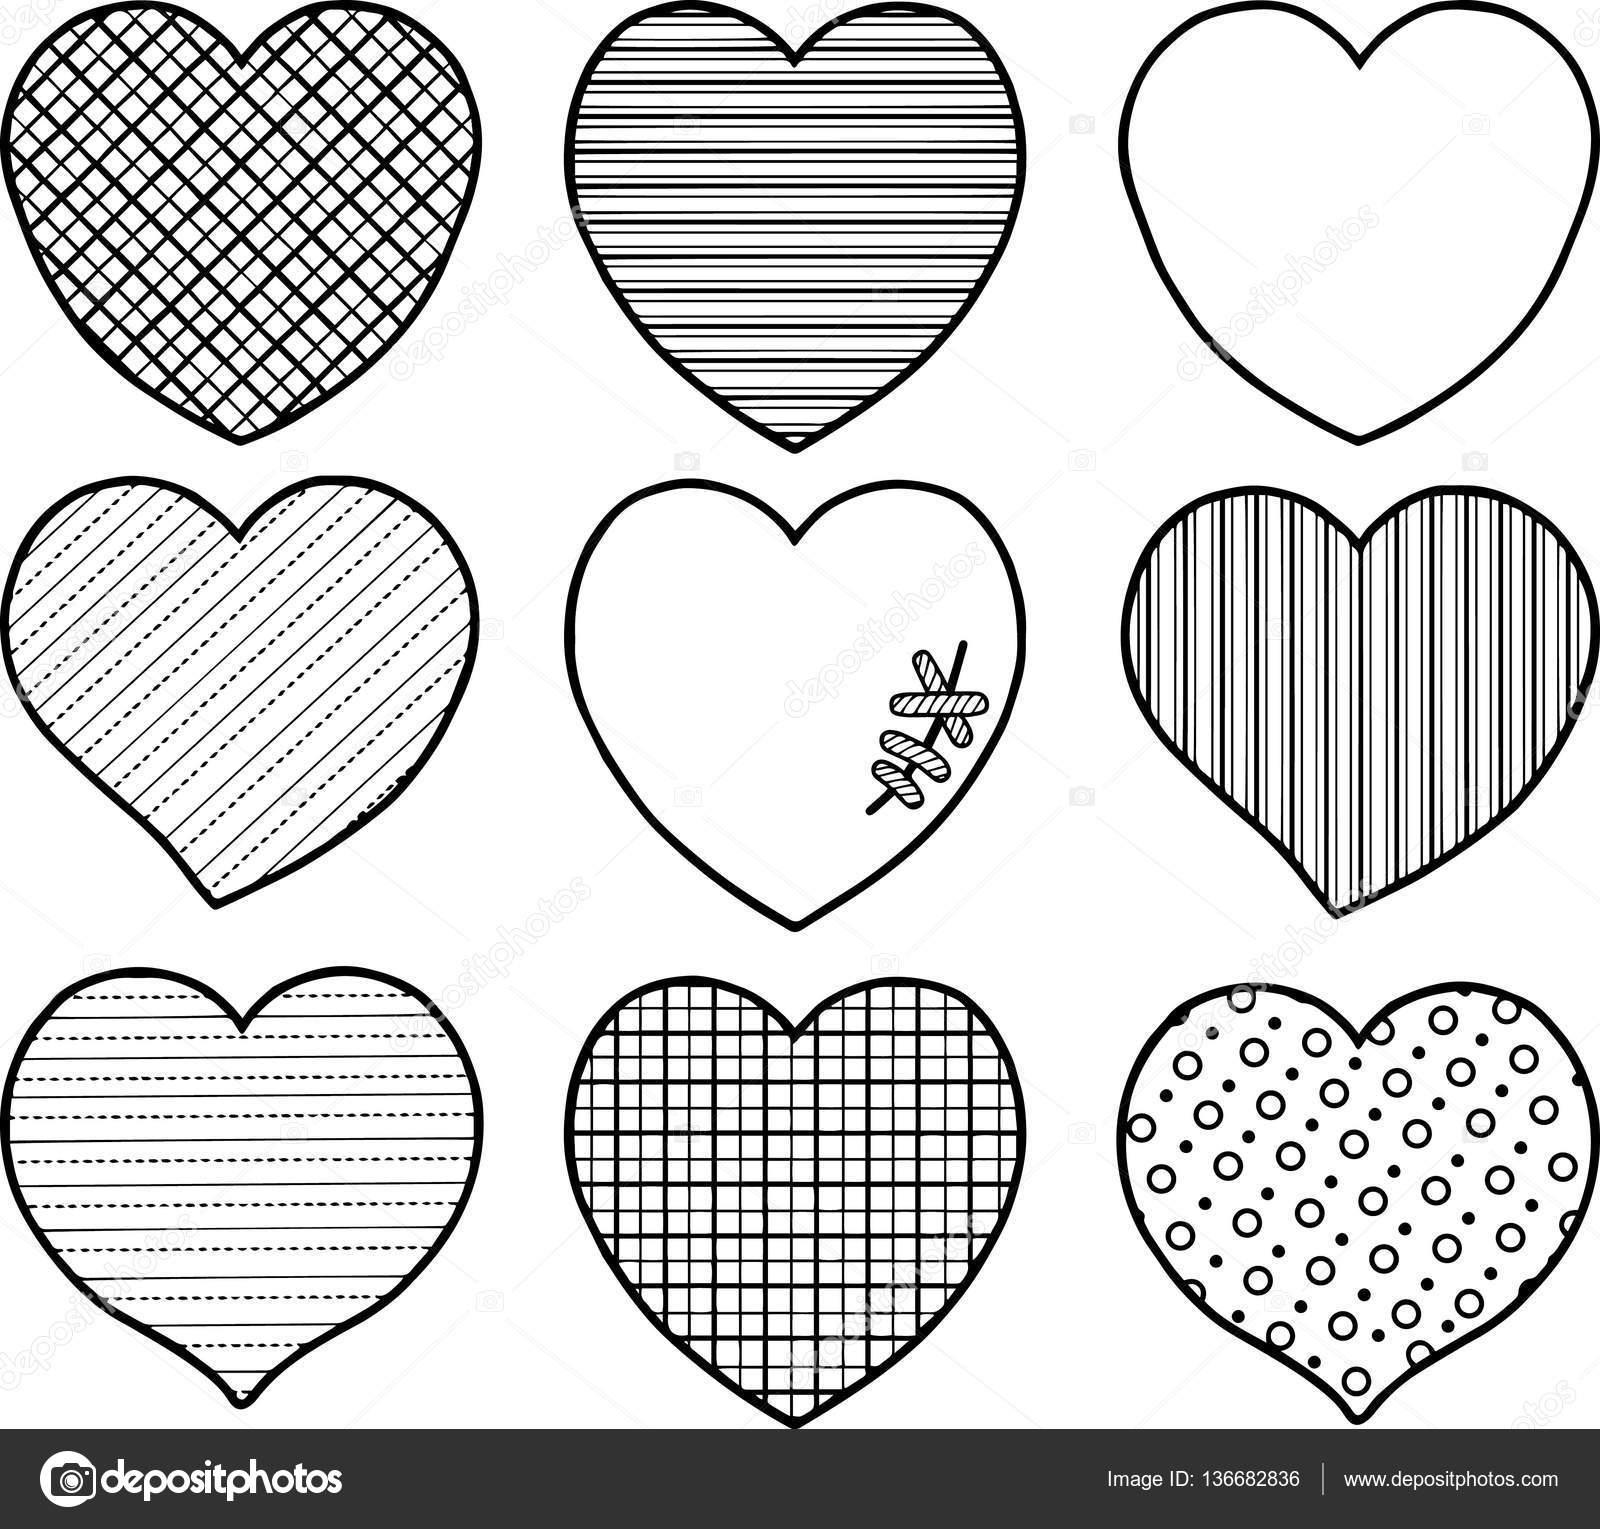 Para colorear pag para adulto. Conjunto de corazones para el ...